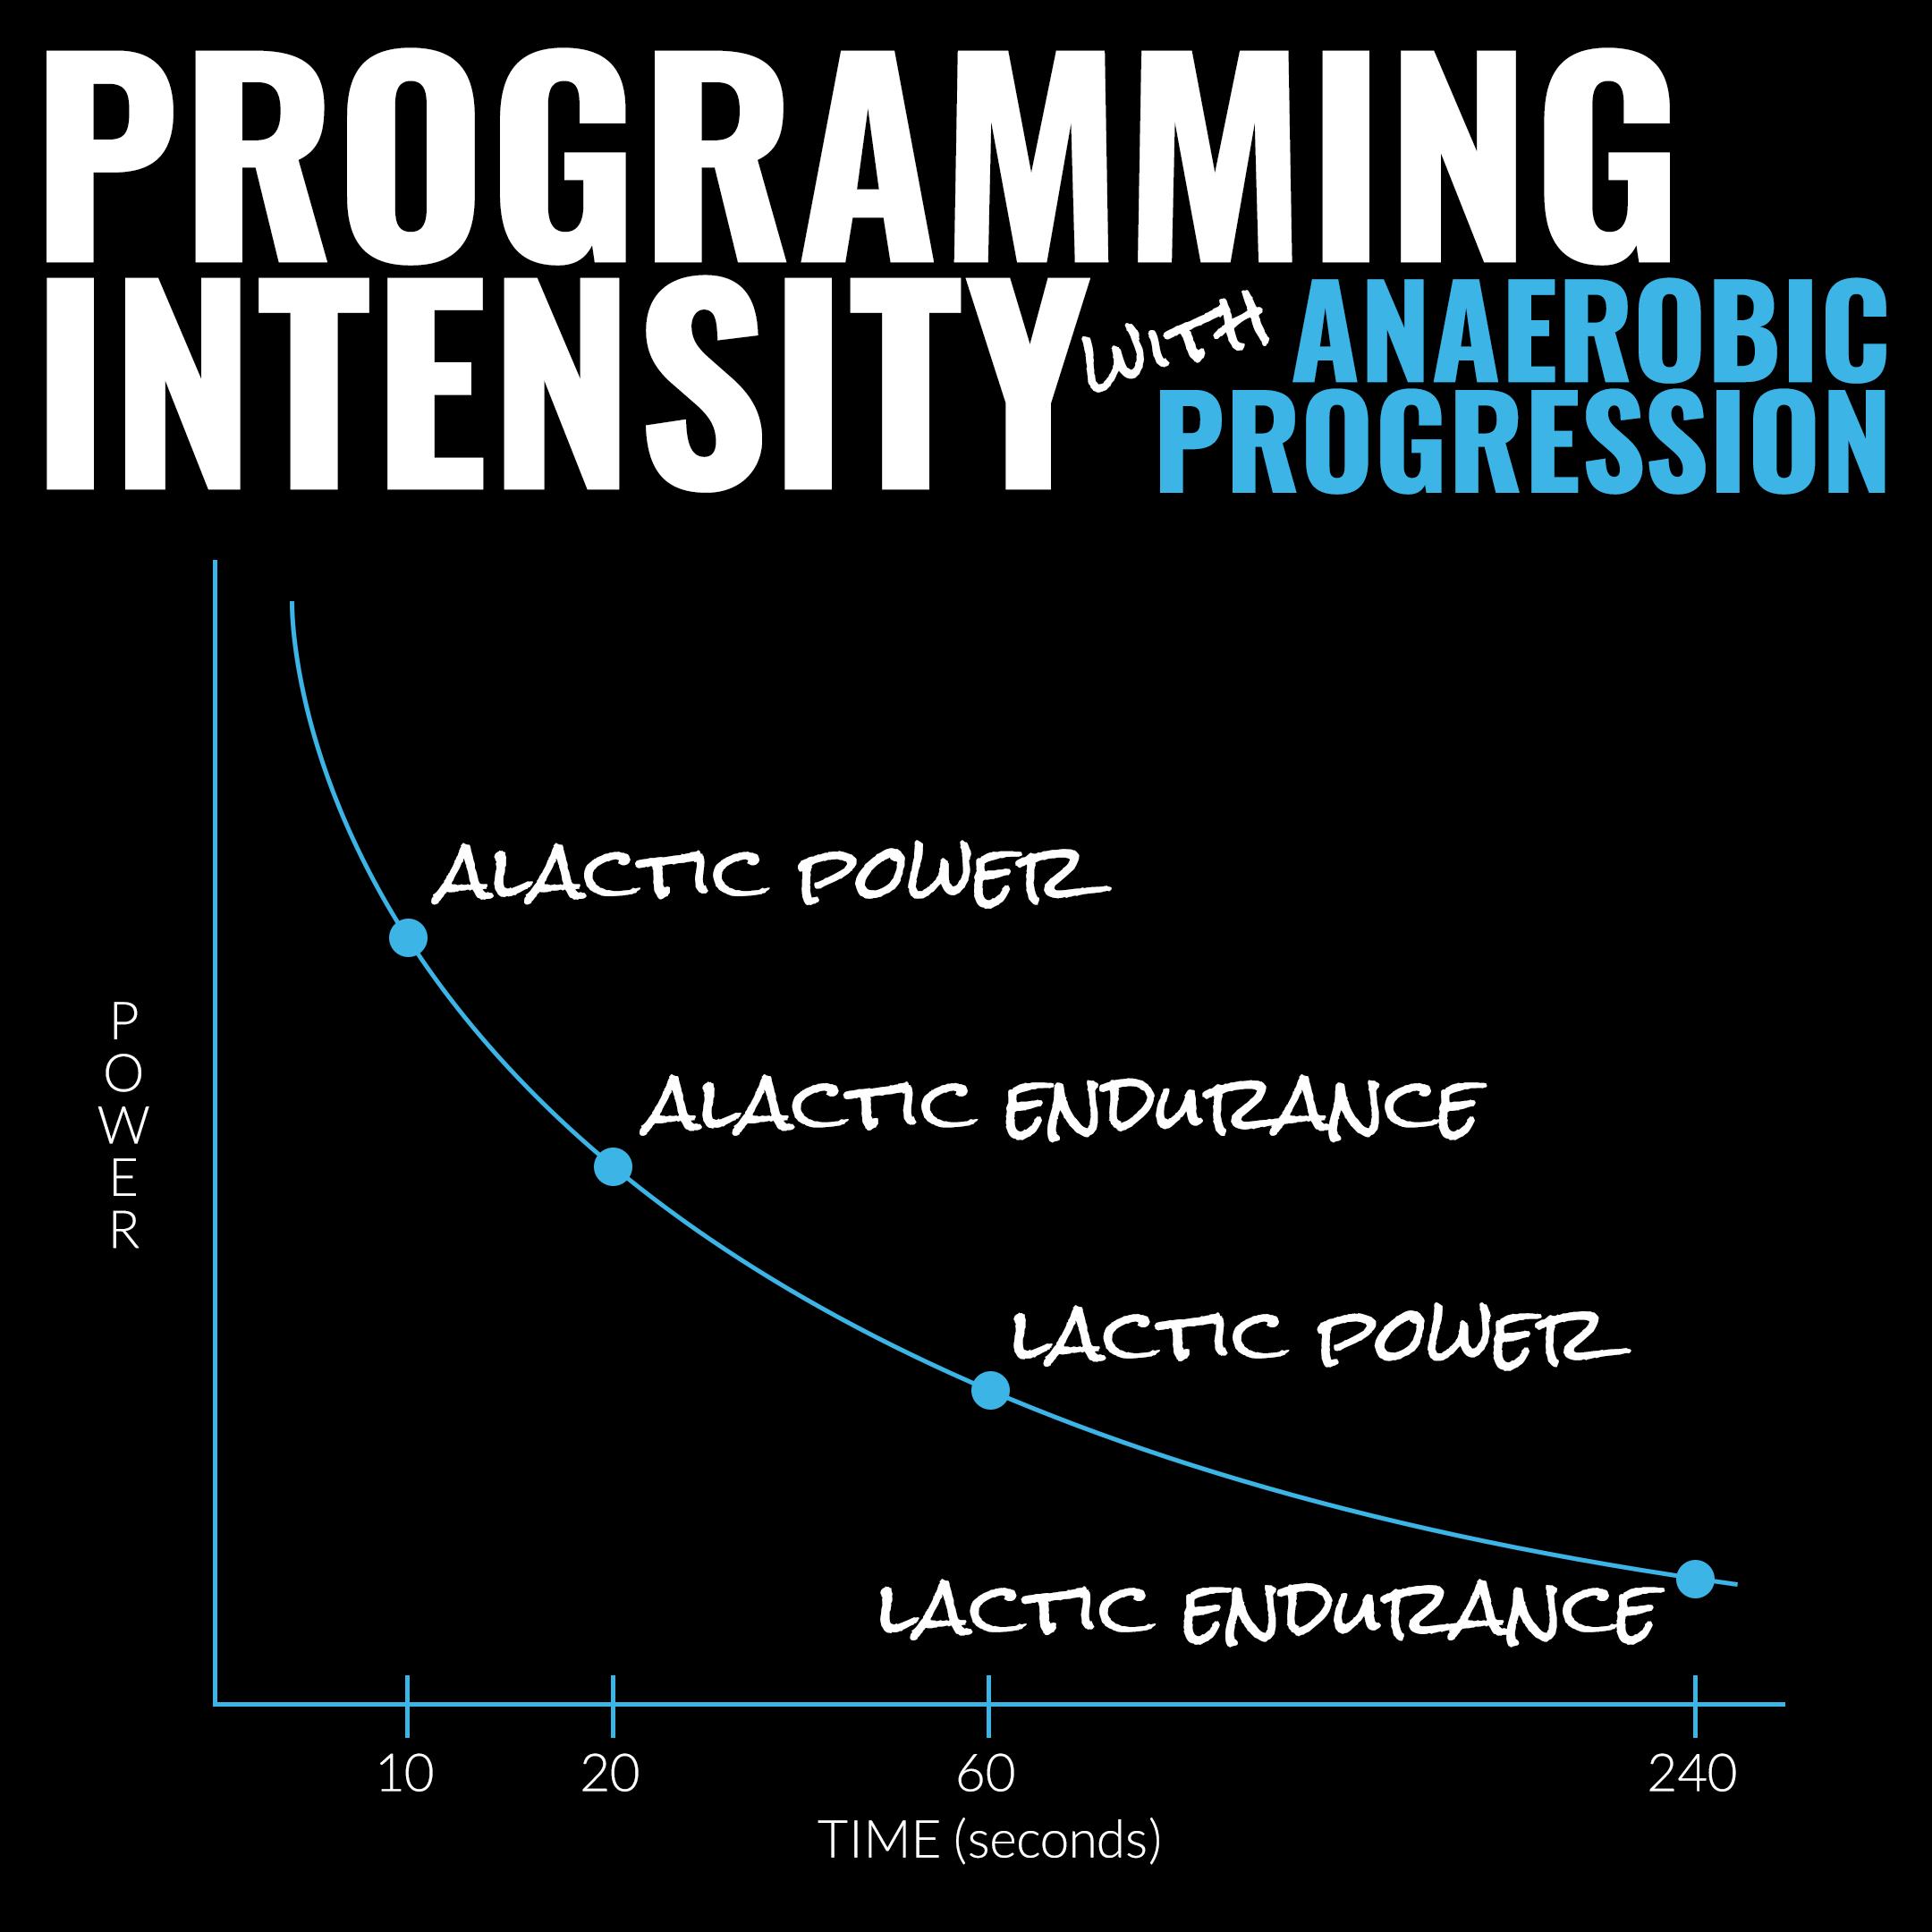 Power vs time scale - anaerobic progression course